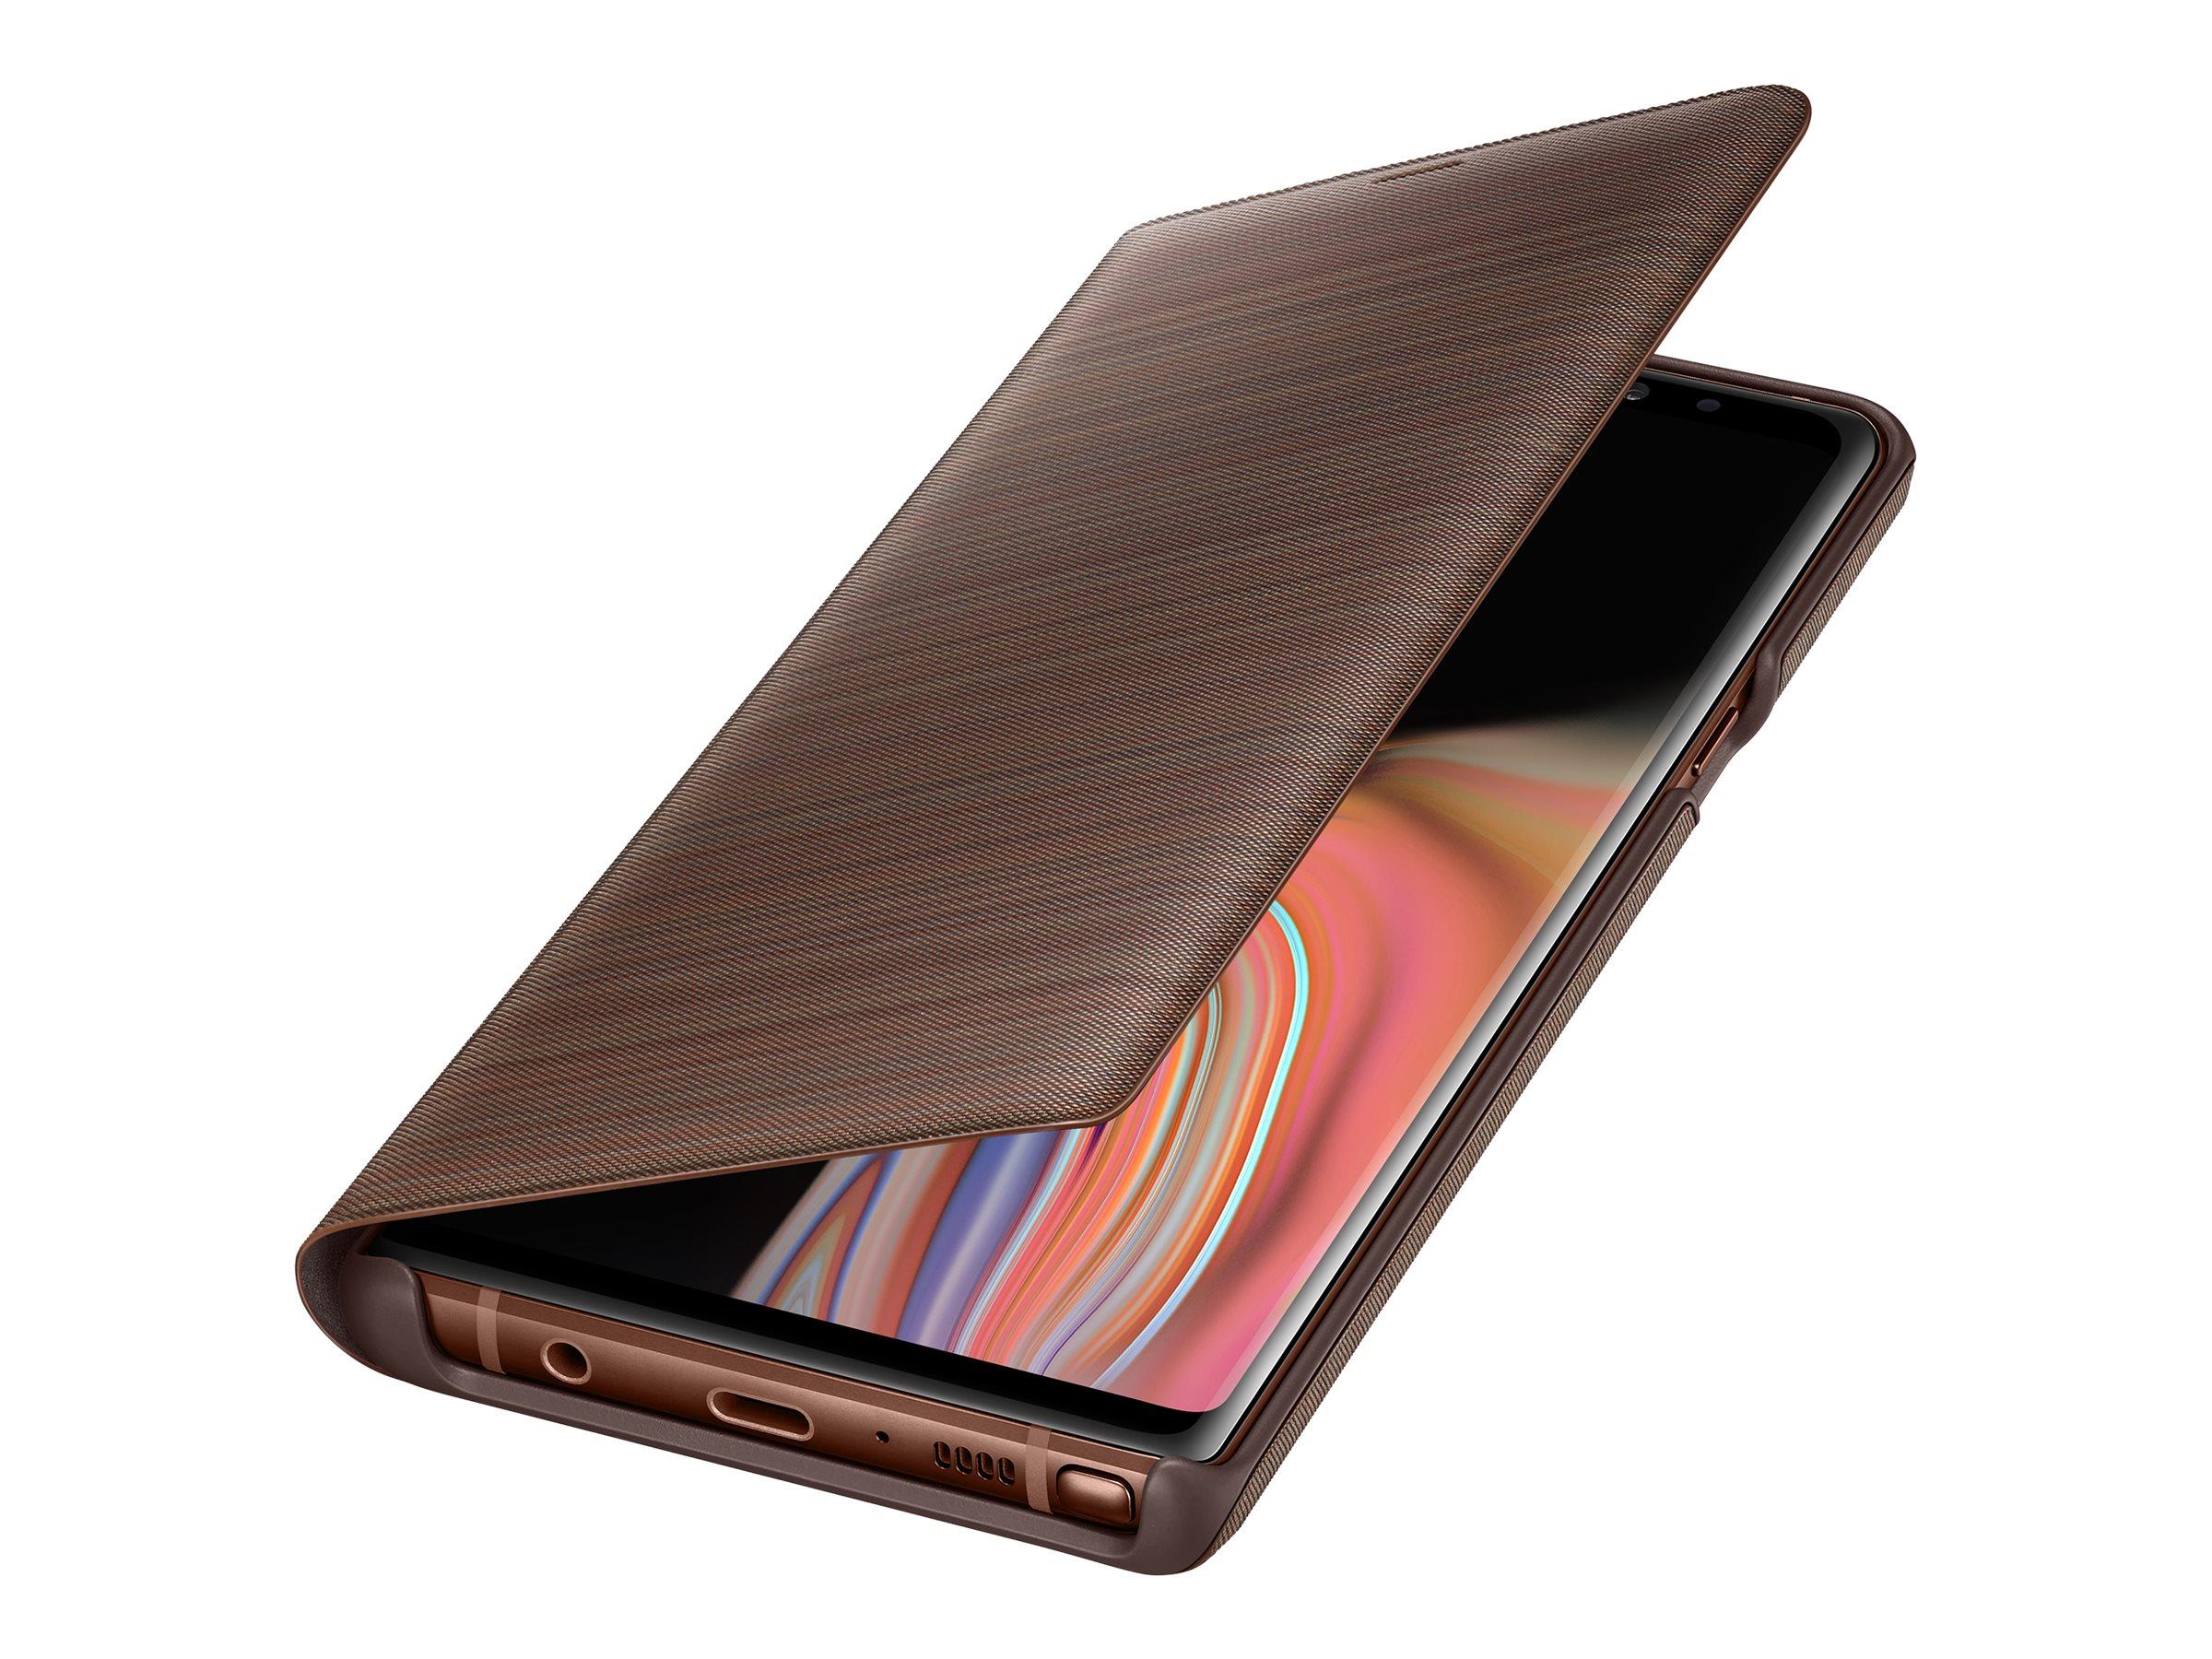 Samsung LED View Cover EF-NN960 - Flip-Hülle für Mobiltelefon - braun - für Galaxy Note9